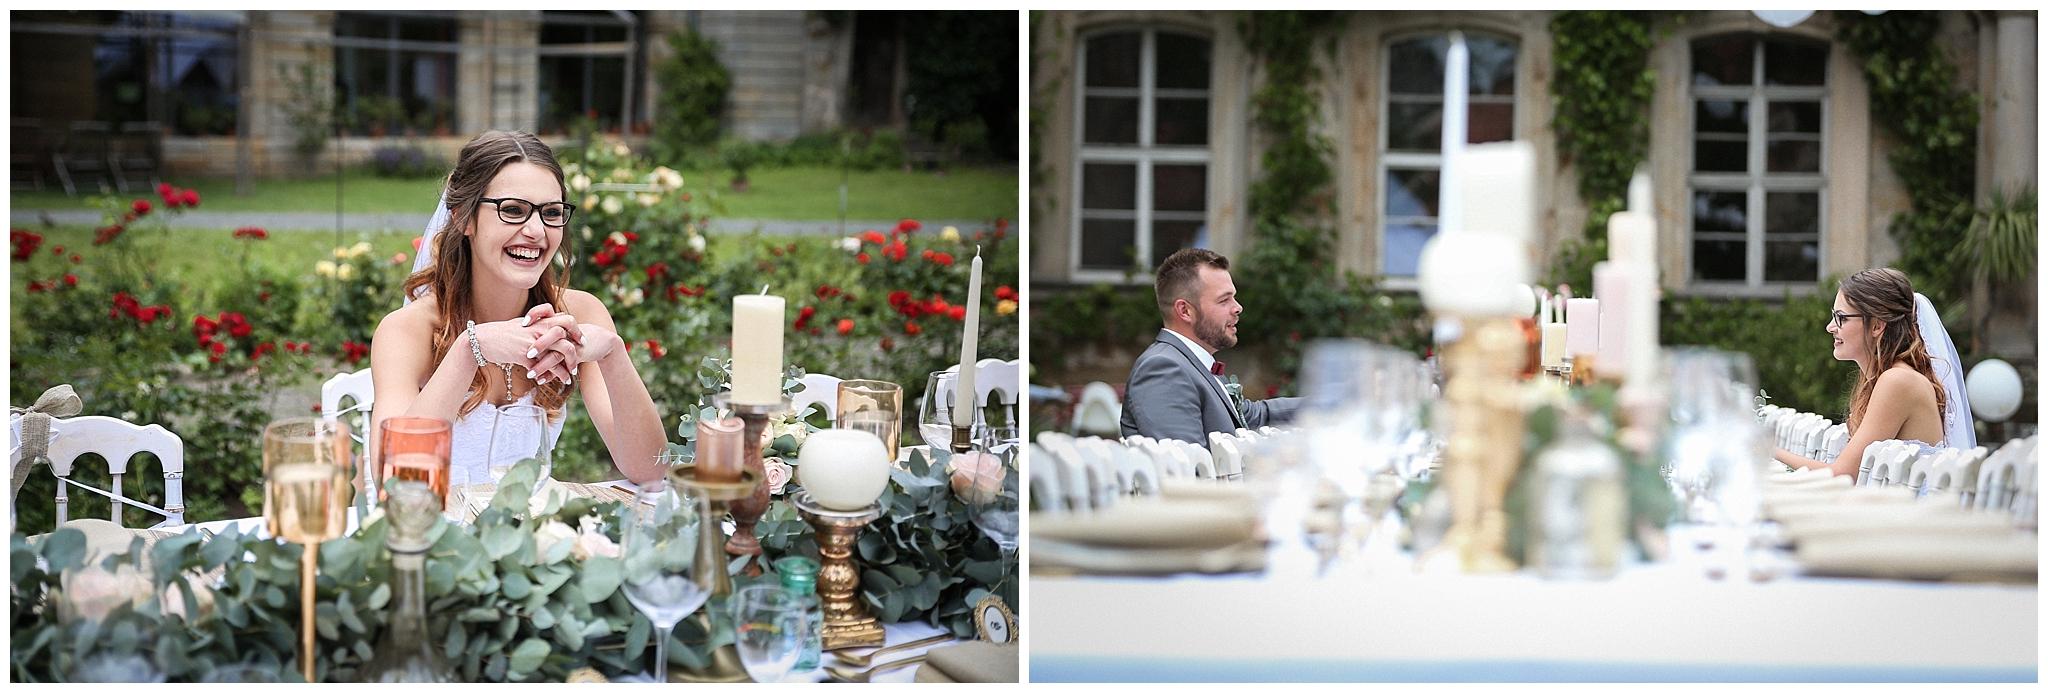 Hochzeit_Menninger_dieLICHTBUILDER_61.jpg